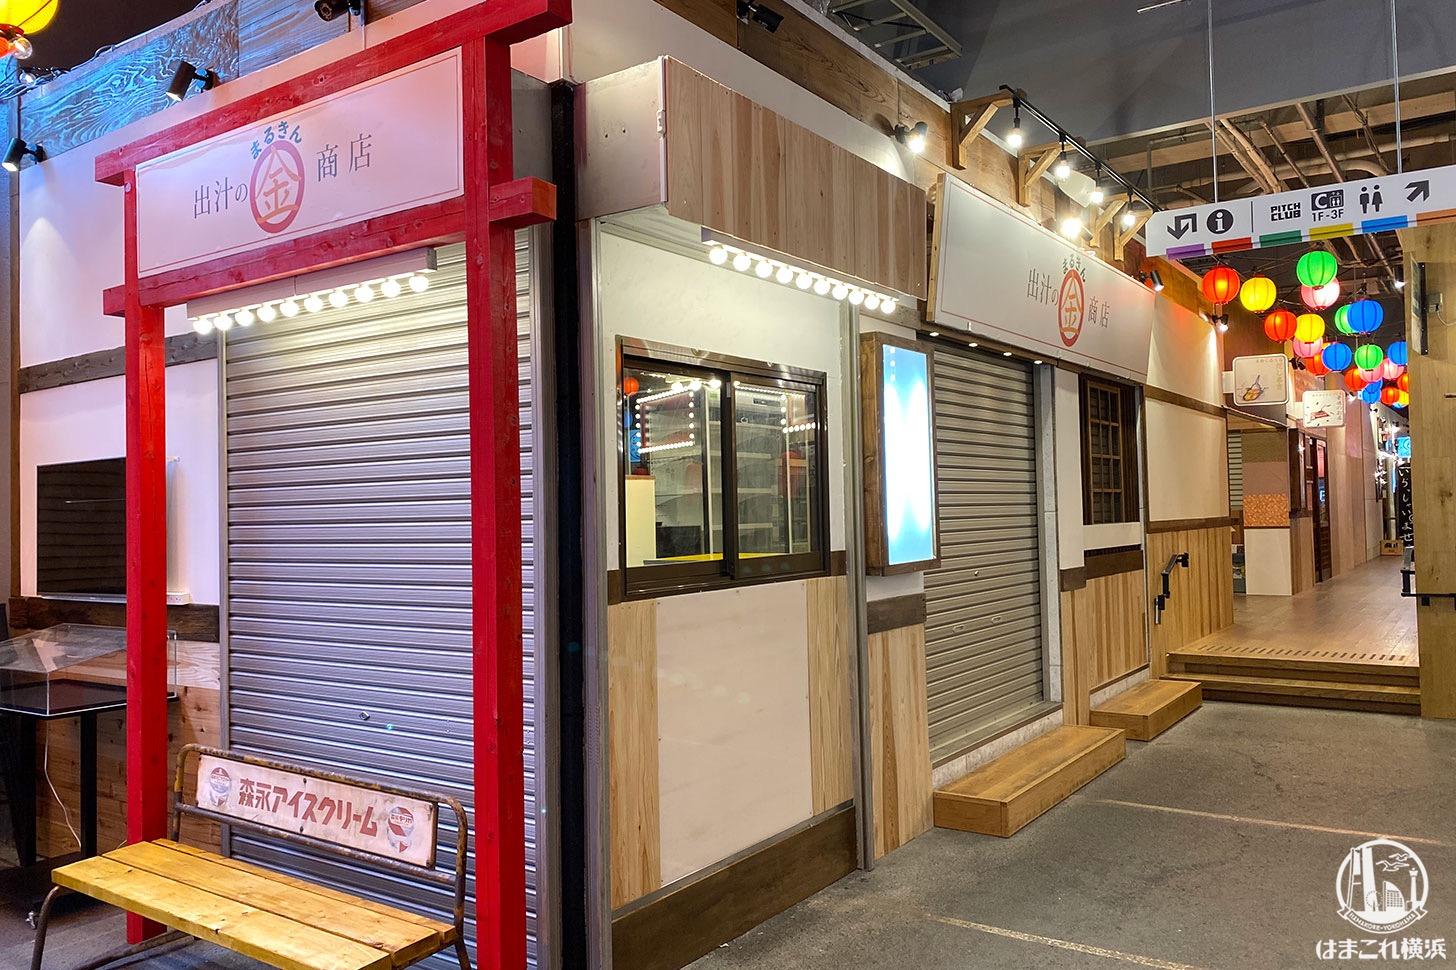 アソビルに「出汁のまるきん商店」がオープン予定!崎陽軒とSPINX(スピン)の跡地